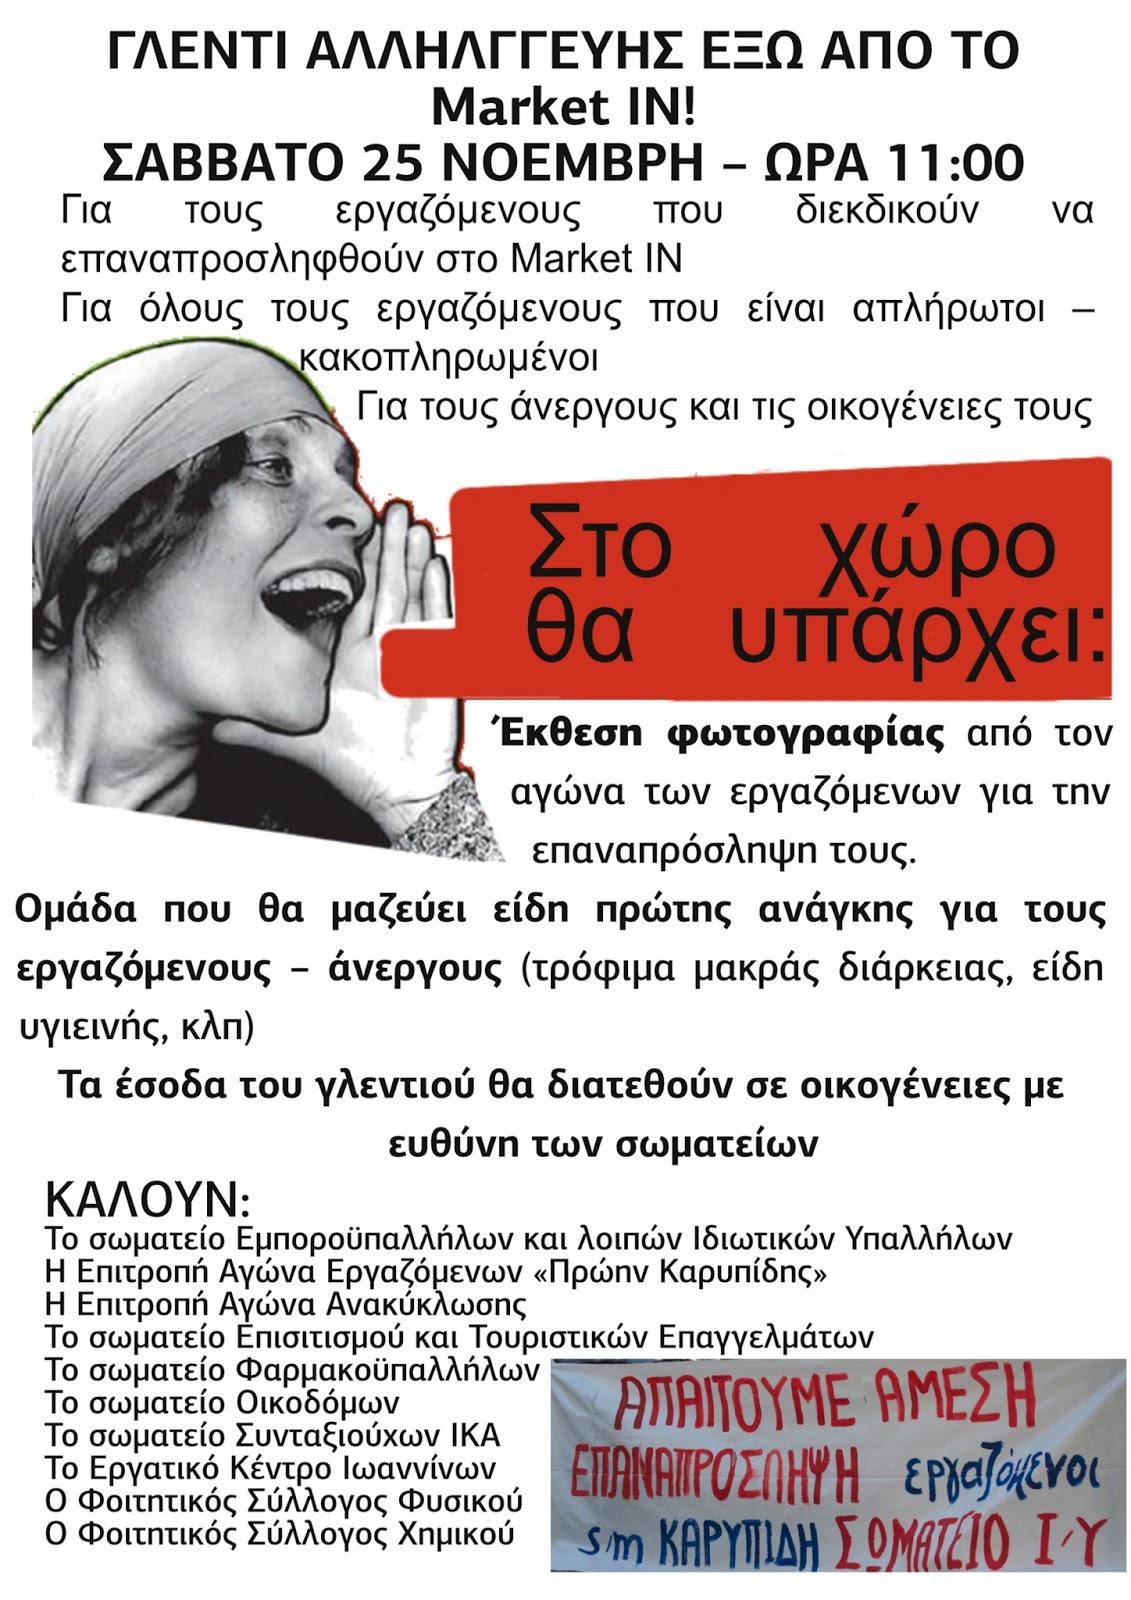 ΣΩΜΑΤΕΙΟ ΙΥ ΙΩΑΝΝΙΝΩΝ:Γλέντι αλληλεγγύης ...έξω απο το Market In το Σάββατο 25 Νοεμβρίου